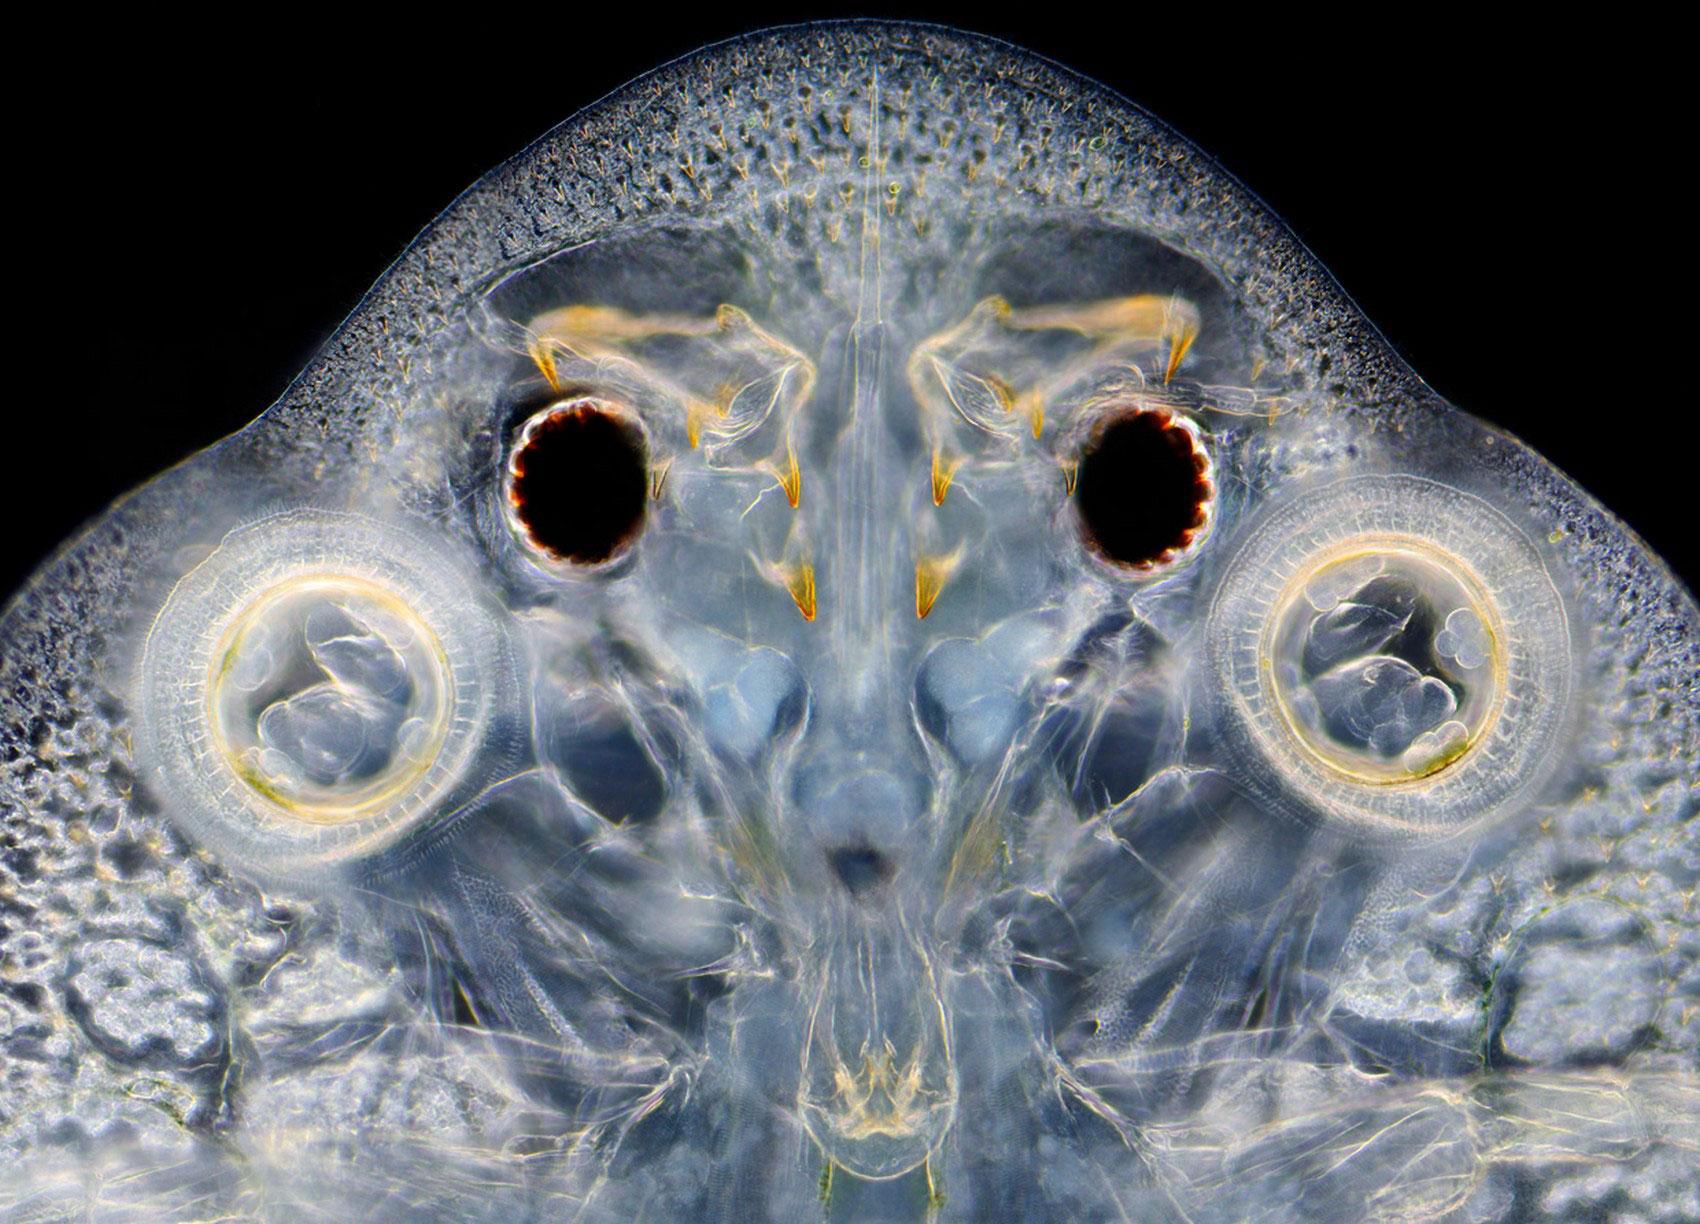 рыбья вошь, фото насекомого